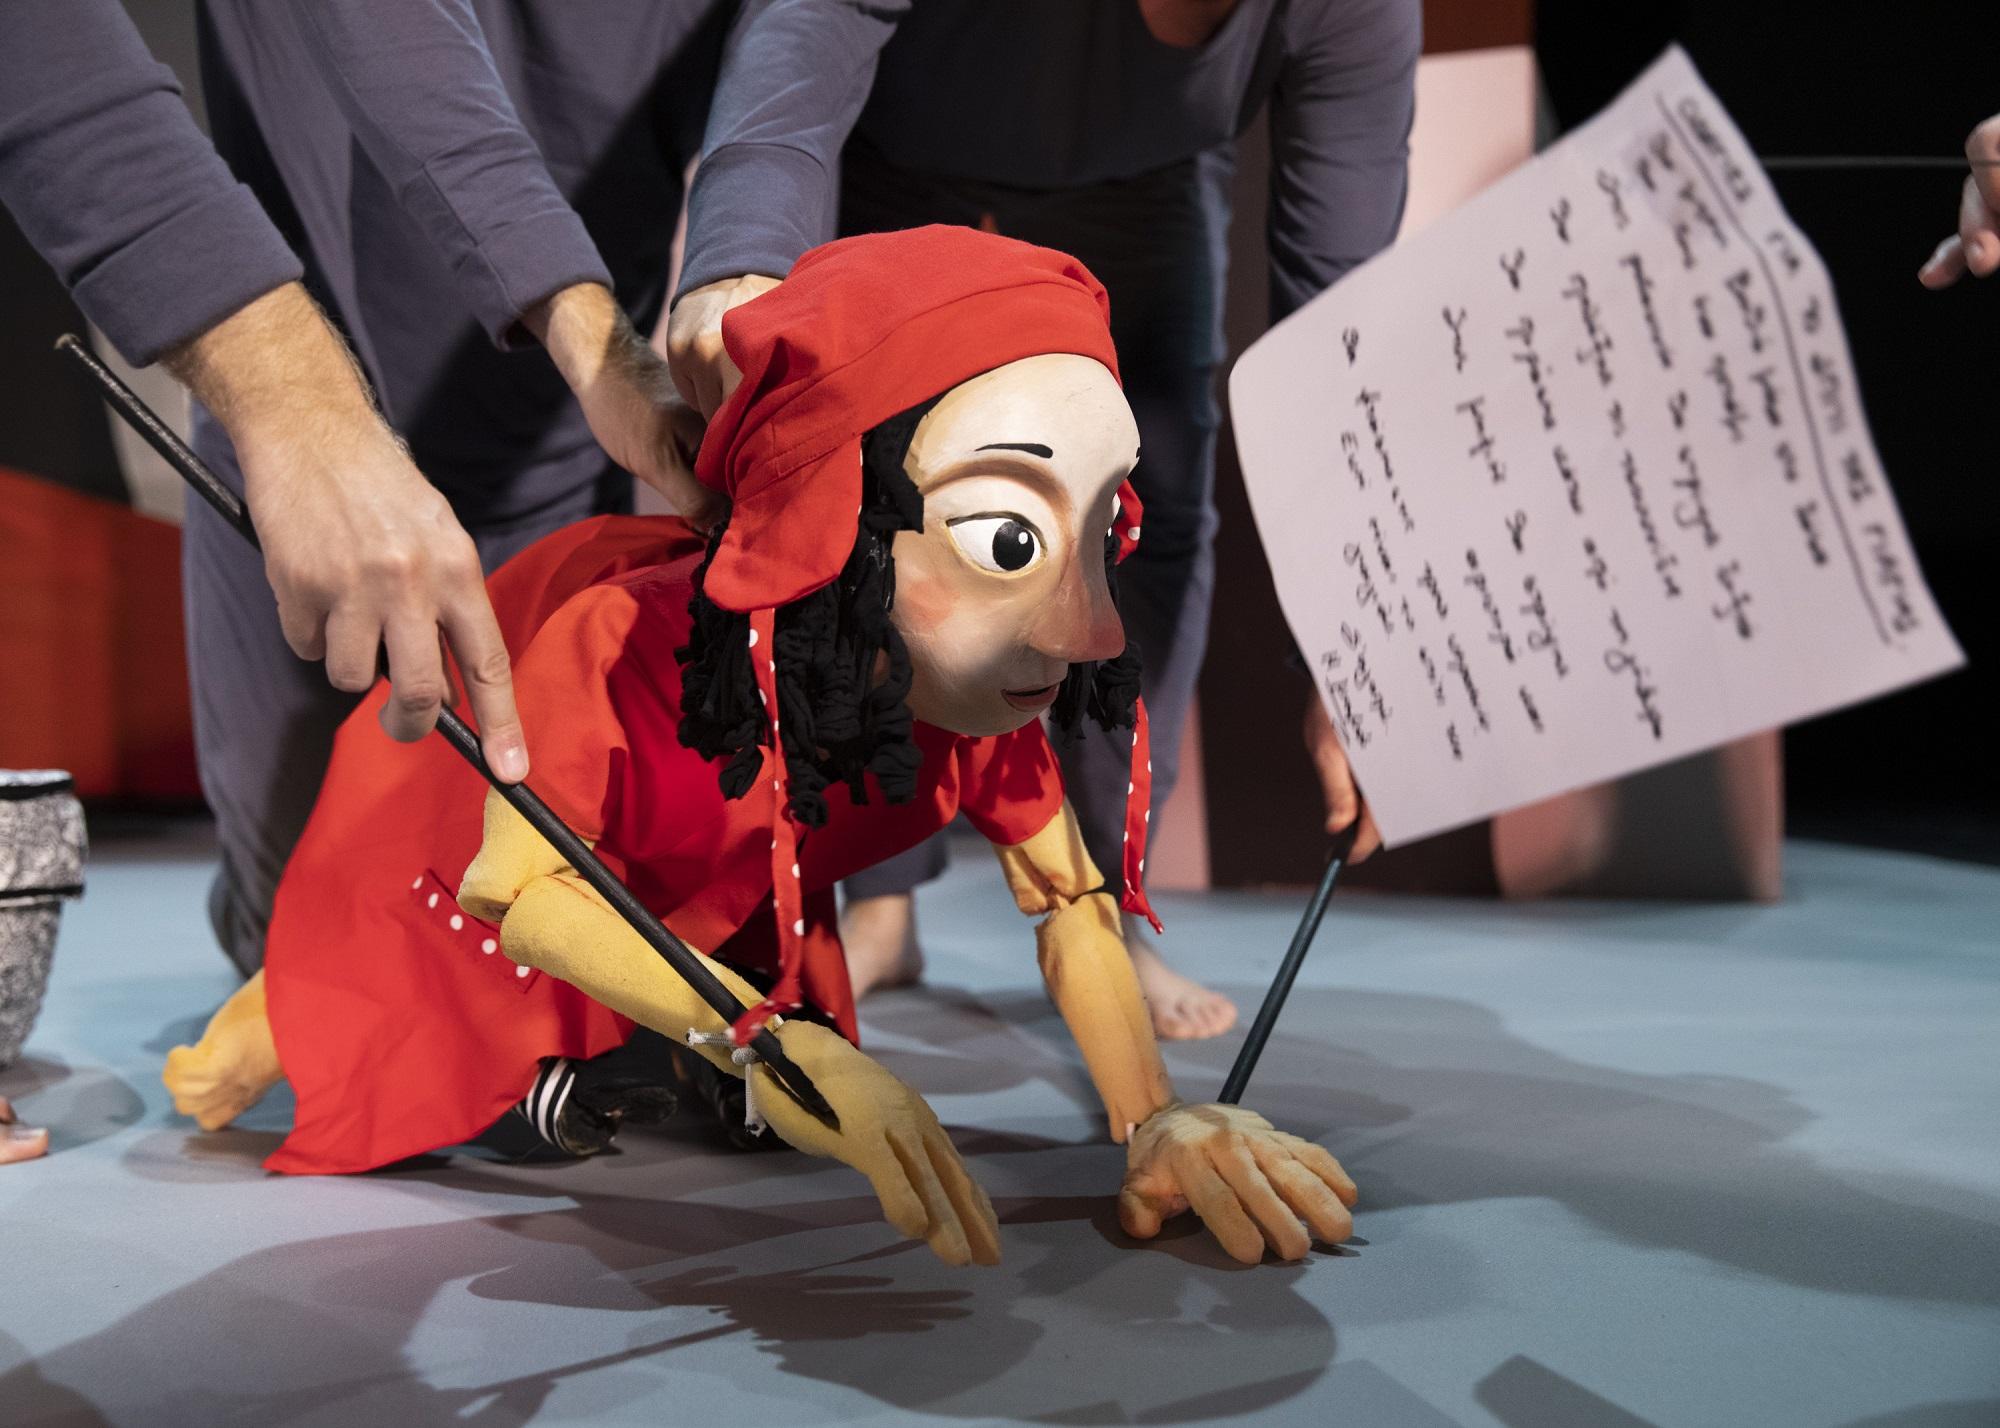 Η Κοκκινοσκουφίτσα με τα άγρια φύλλα σε σκηνοθεσία της Έλενας Μαυρίδου ξεκινάει την περιοδεία της